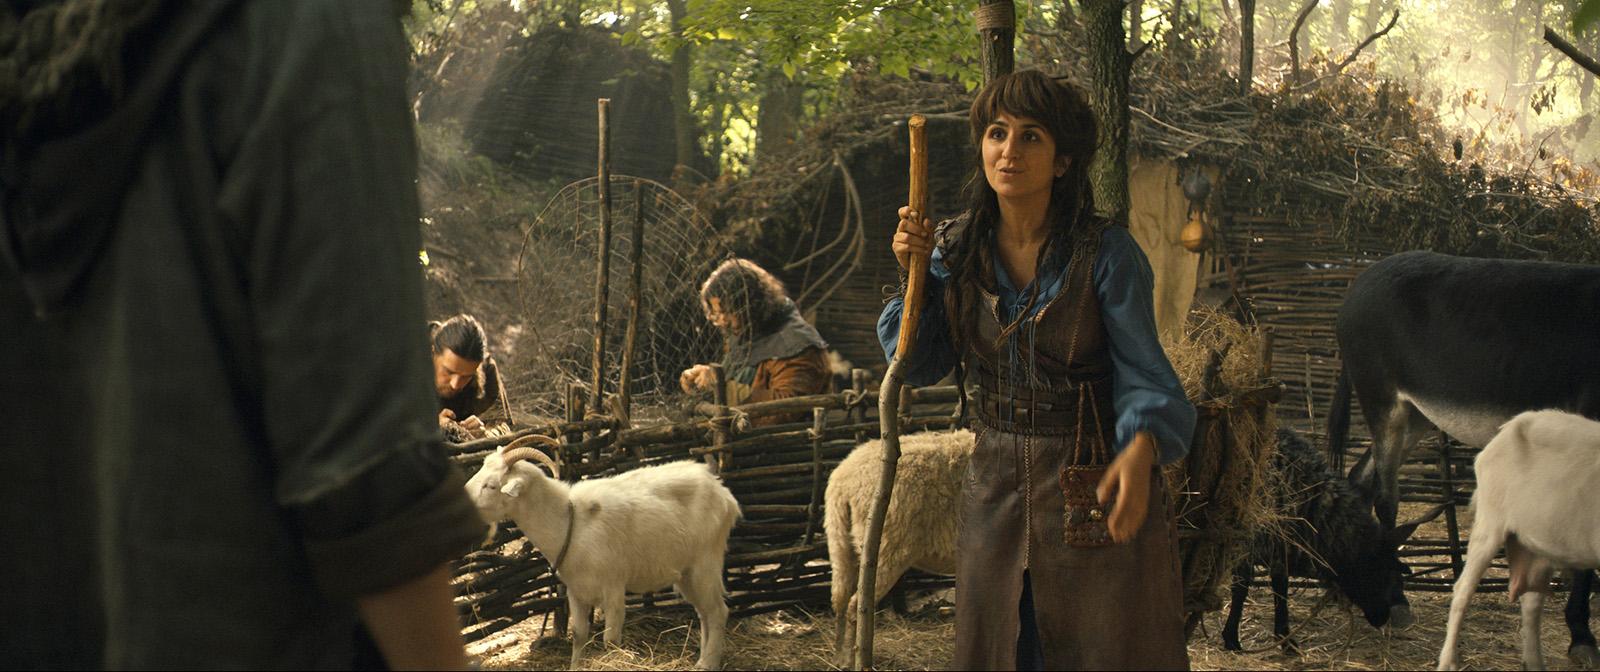 Photo du film Robin des bois, la véritable histoire  ~ Film Robin Des Bois